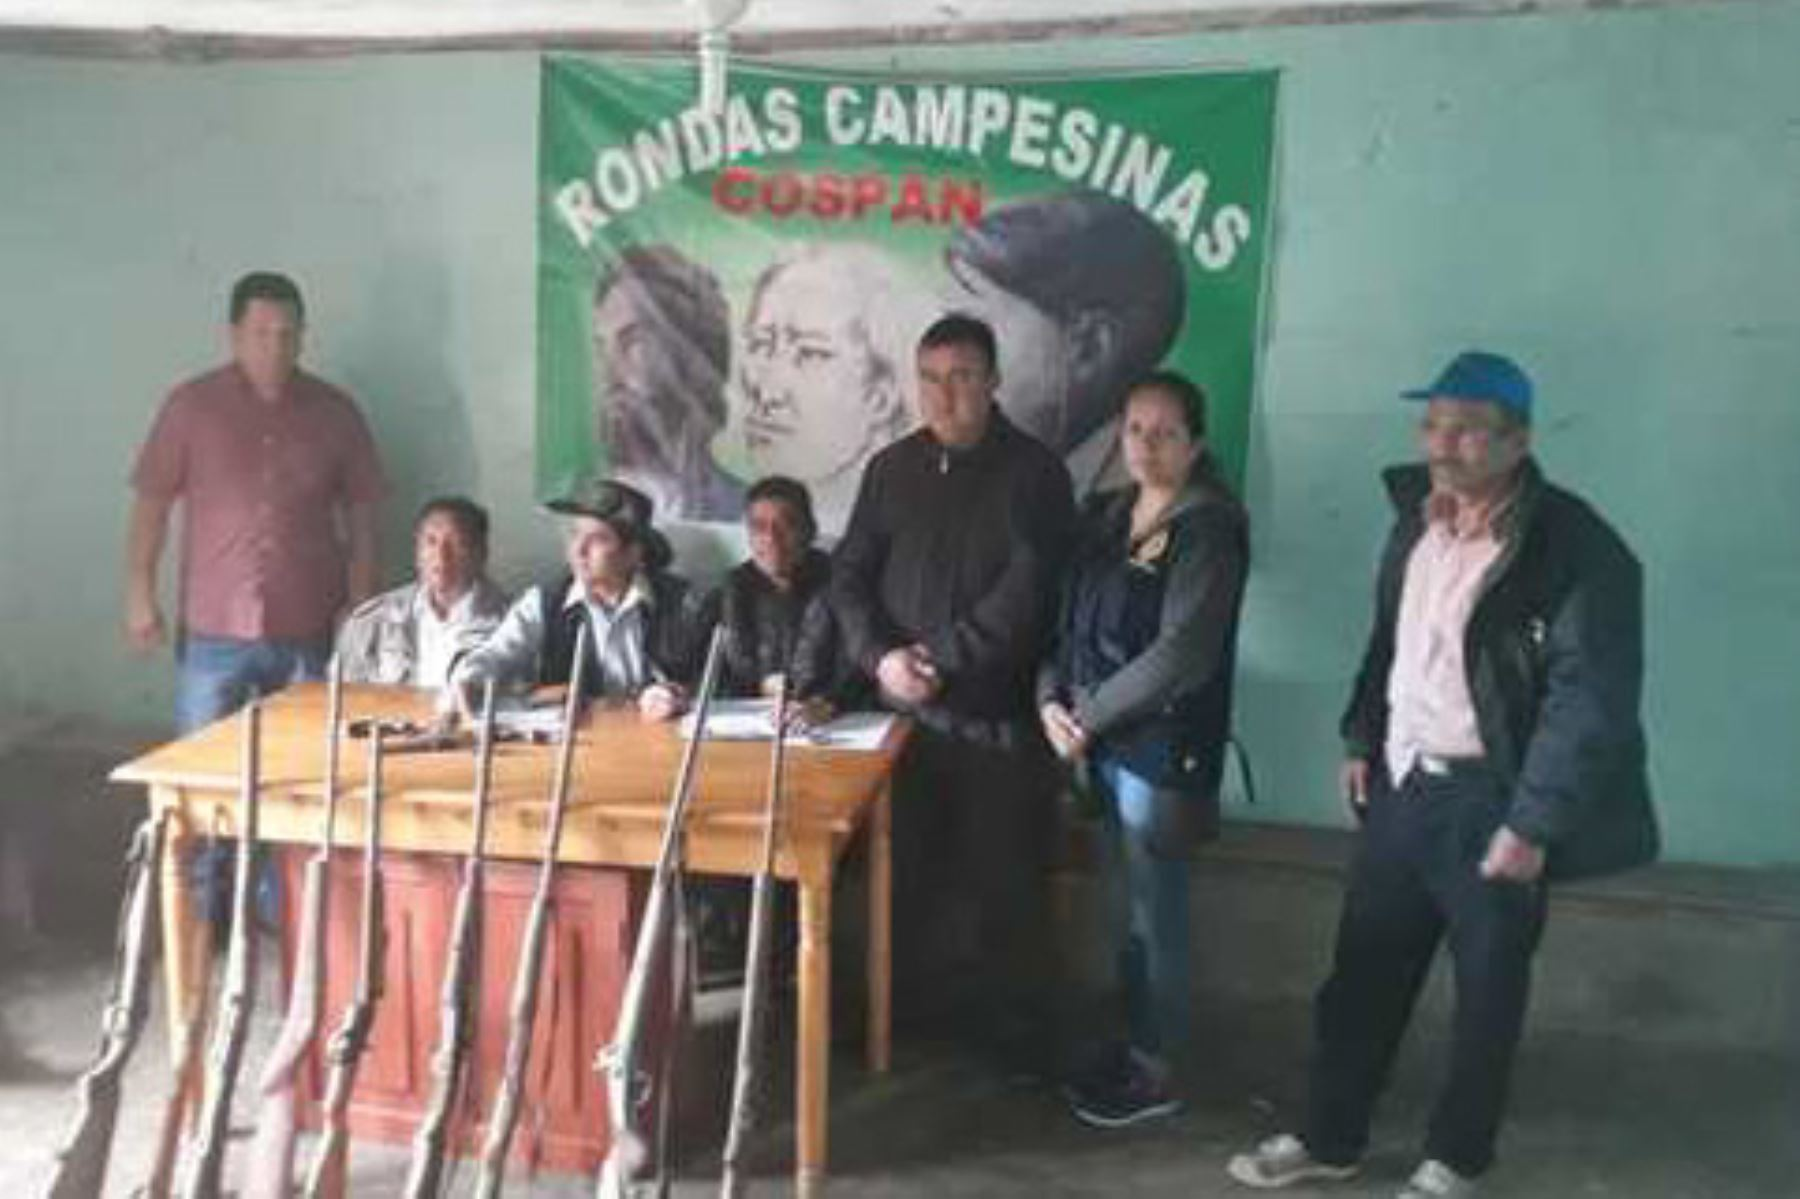 Doce armas de fuego fueron entregadas a la Policía Nacional del Perú (PNP) y a la Fiscalía por parte de los dirigentes de la Federación de las Rondas Campesinas del distrito de Cospán, en Cajamarca, quienes indicaron que son entregas voluntarias como parte de acciones de pacificación en esa región del país, informó el Ministerio del Interior.